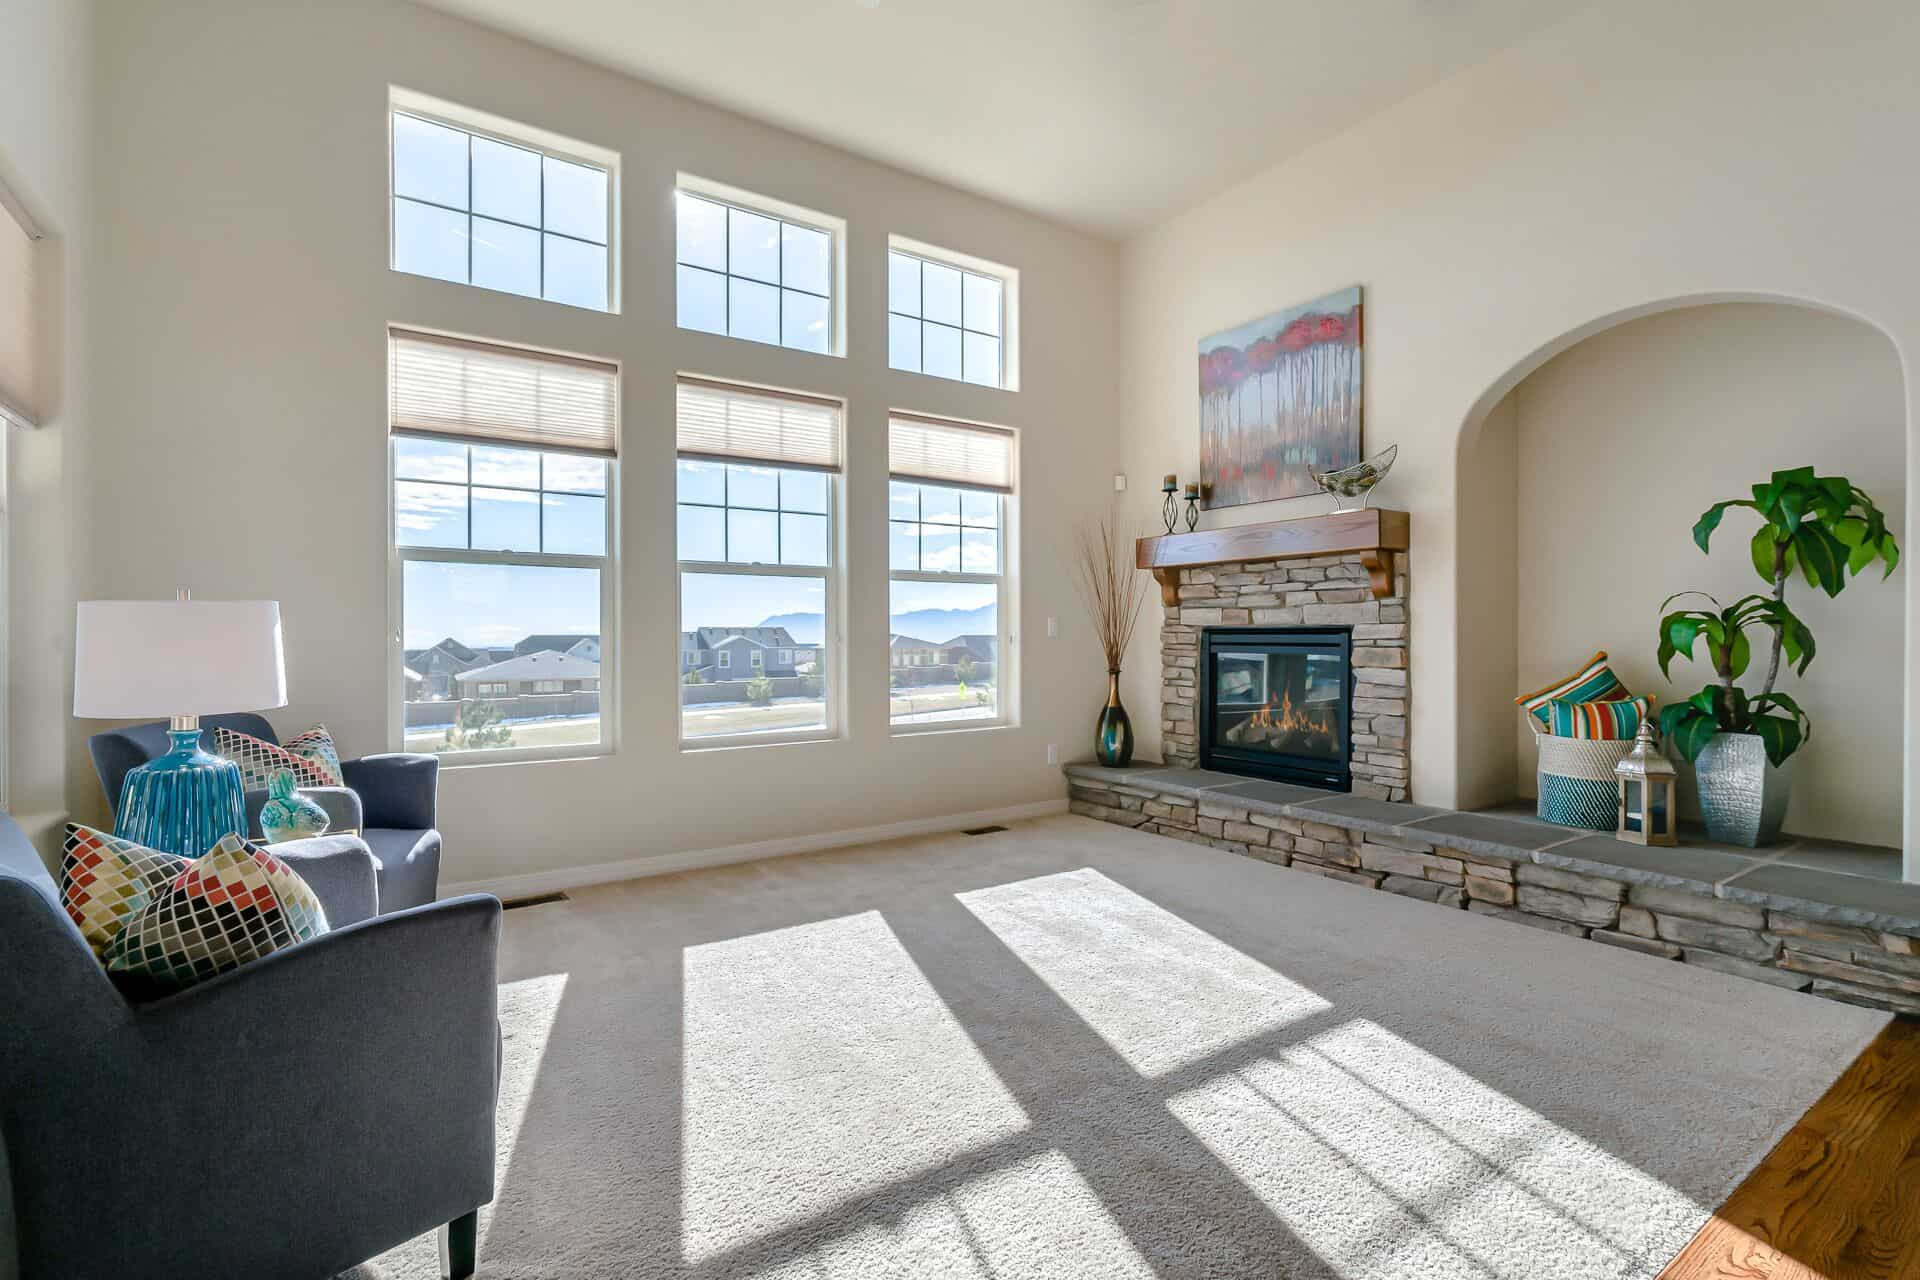 Great Room with Peak Views